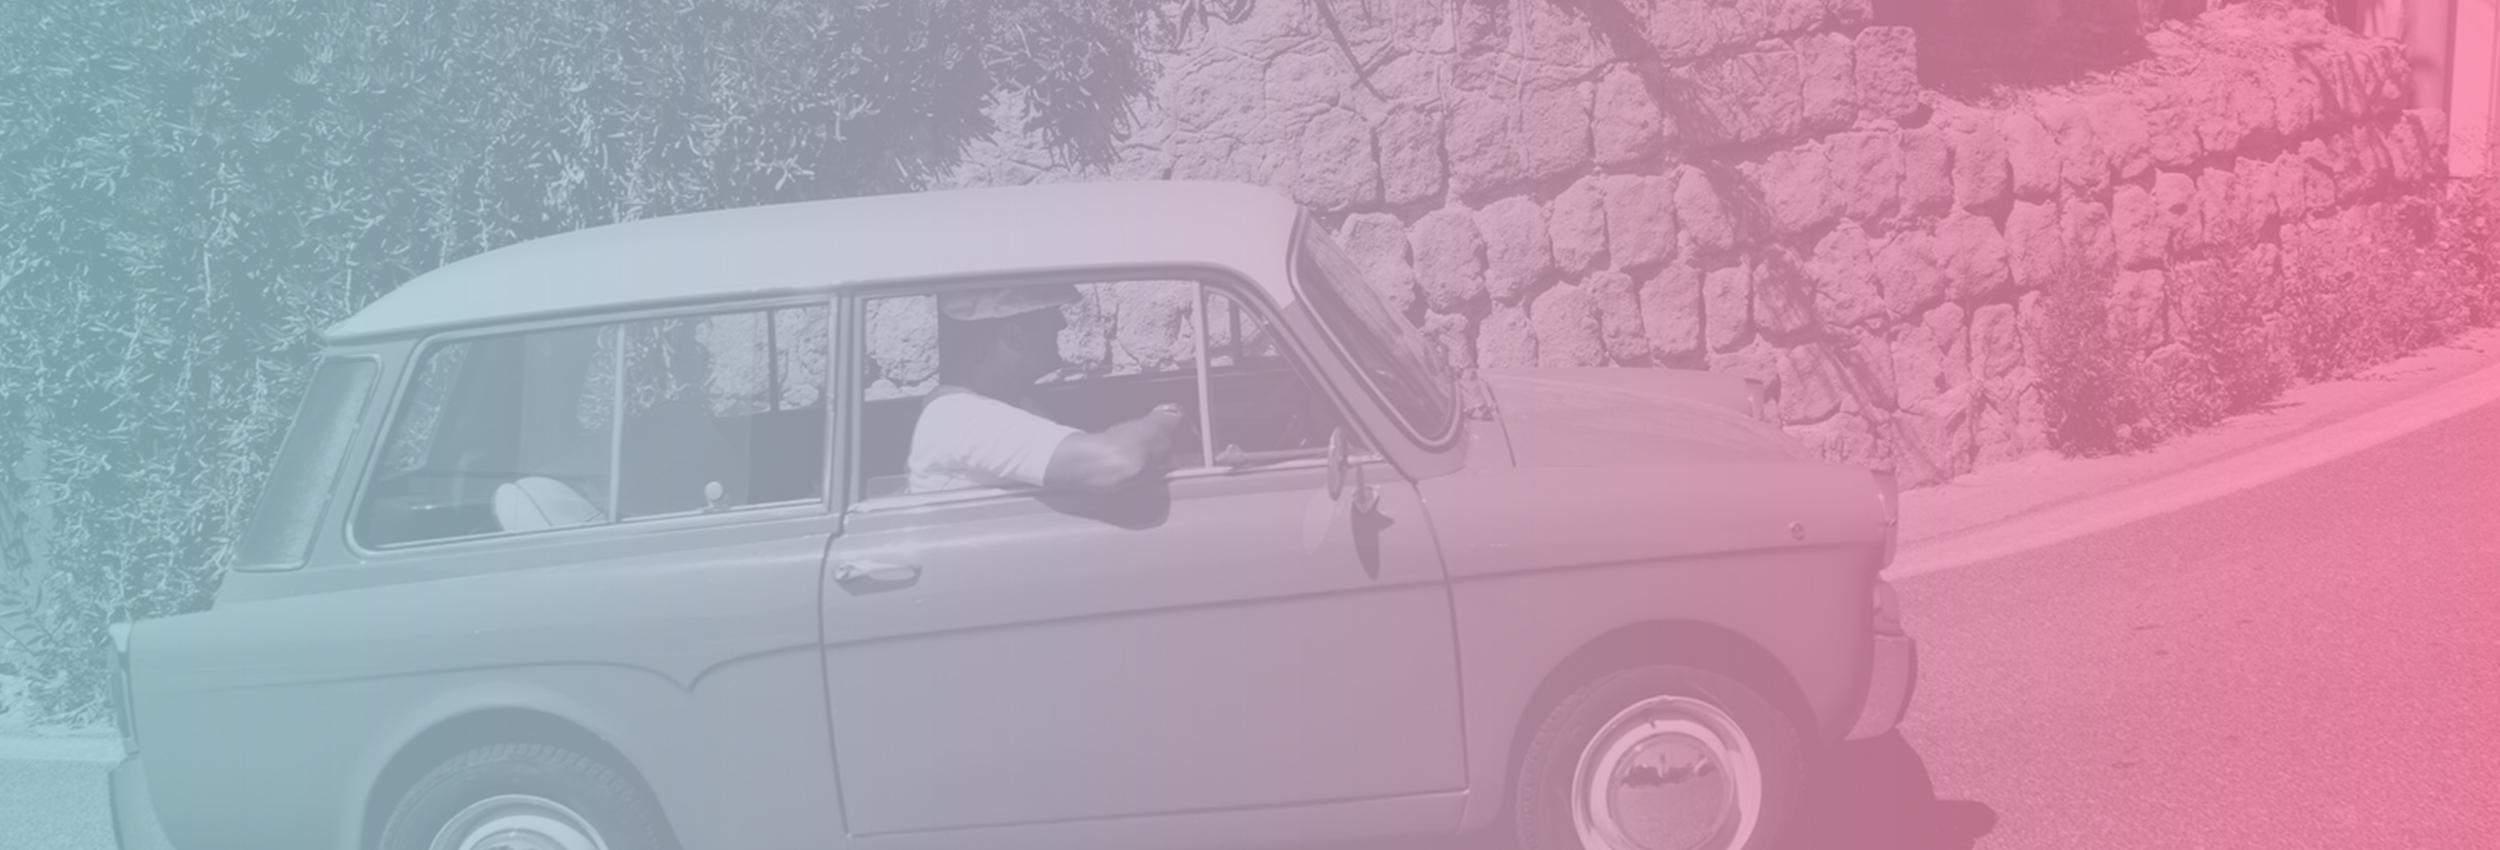 ТУРЫ по Италии Оплачиваем проезд: Как бюджетно путешествовать по Италии? 2